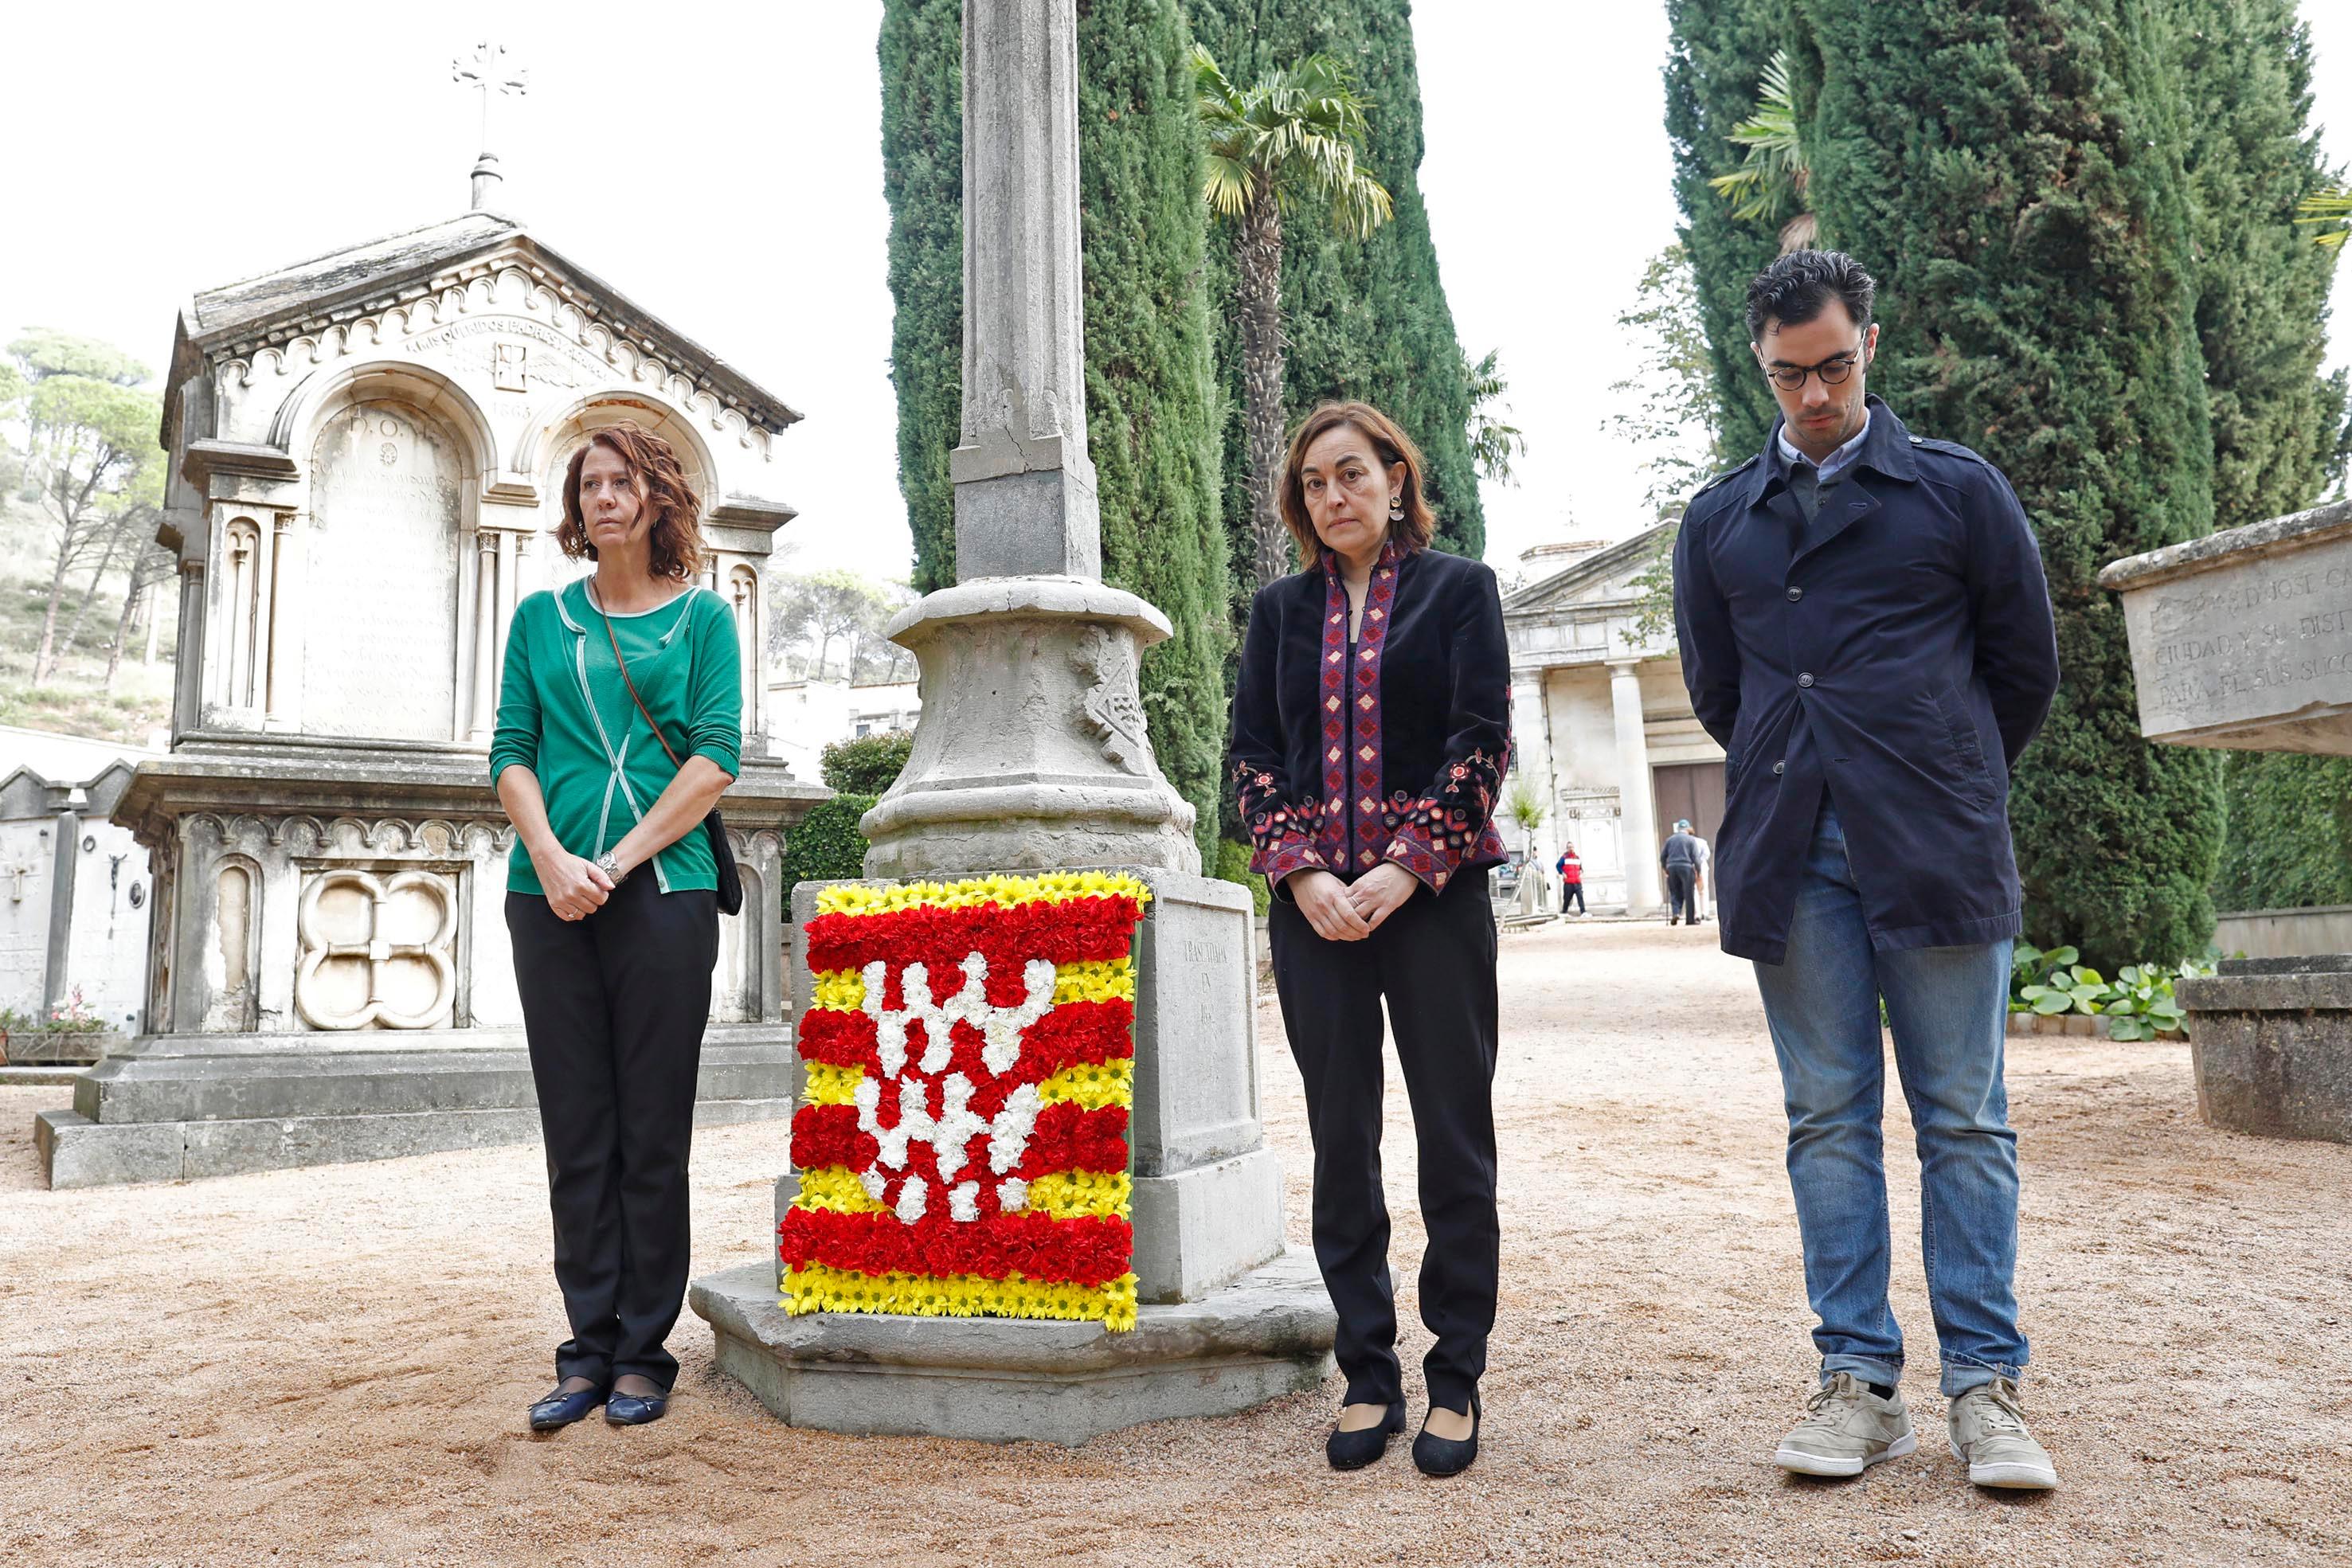 L'alcaldessa de Girona presideix l'acte cívic en record dels difunts.